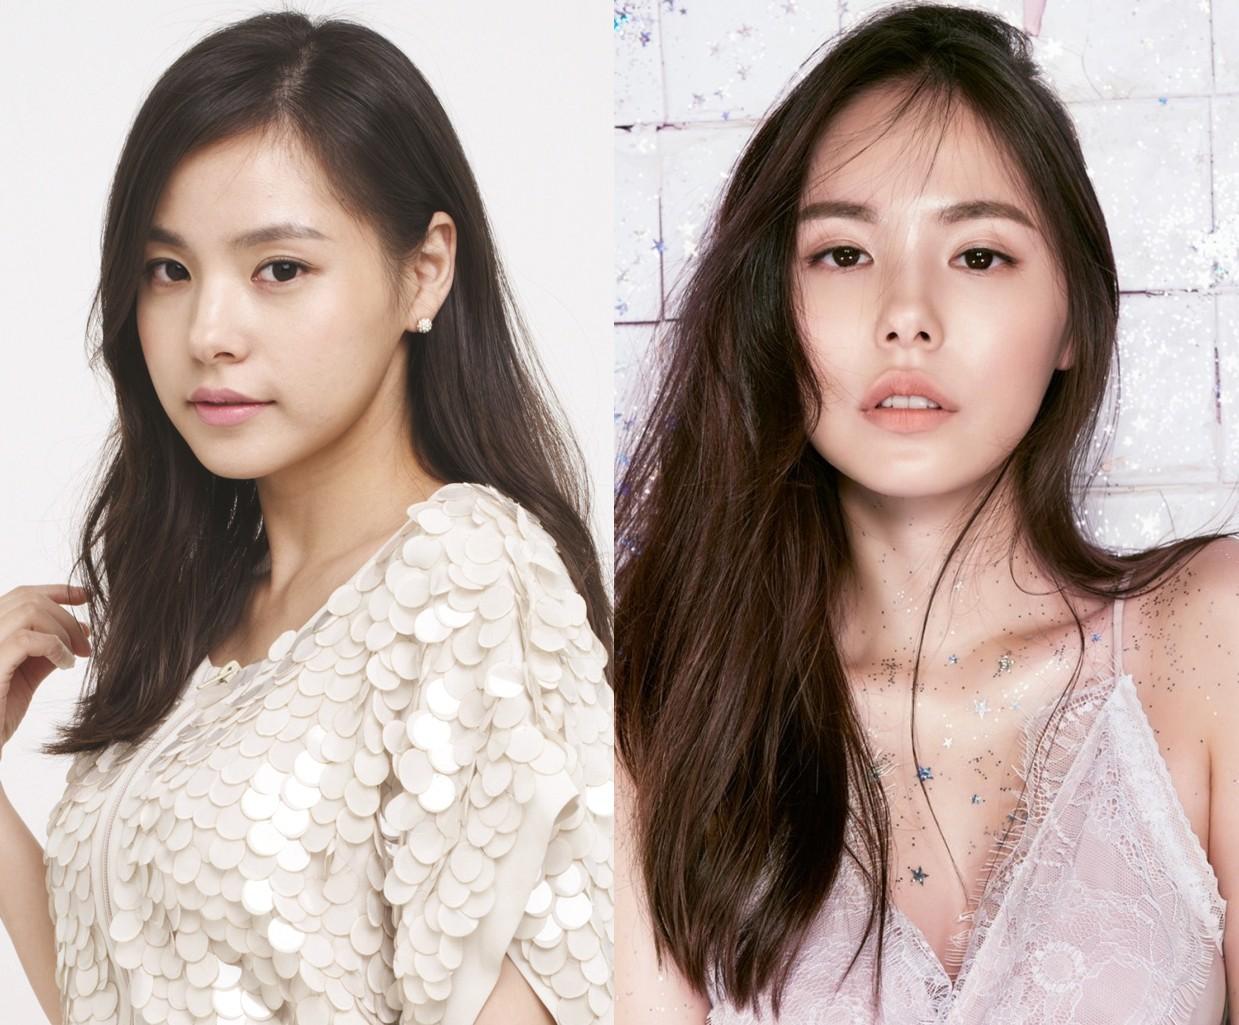 Ngoài nữ hoàng dao kéo Park Min Young, 4 nhan sắc thẩm mỹ này cũng được khen hết lời vì nhìn tự nhiên - Ảnh 10.